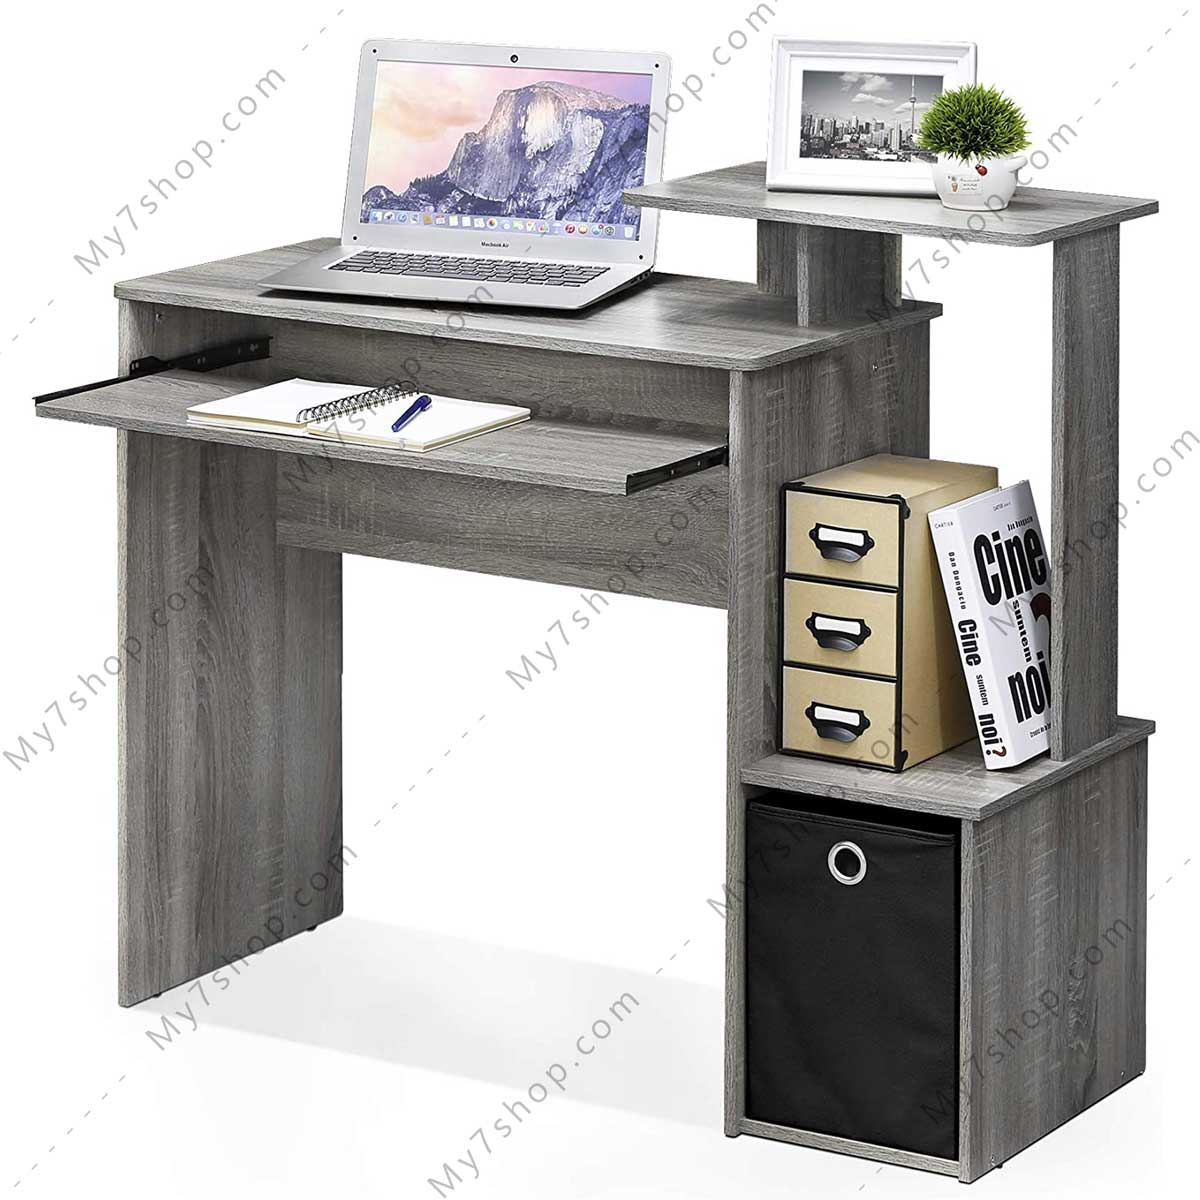 میز کامپیوتر 7549-3